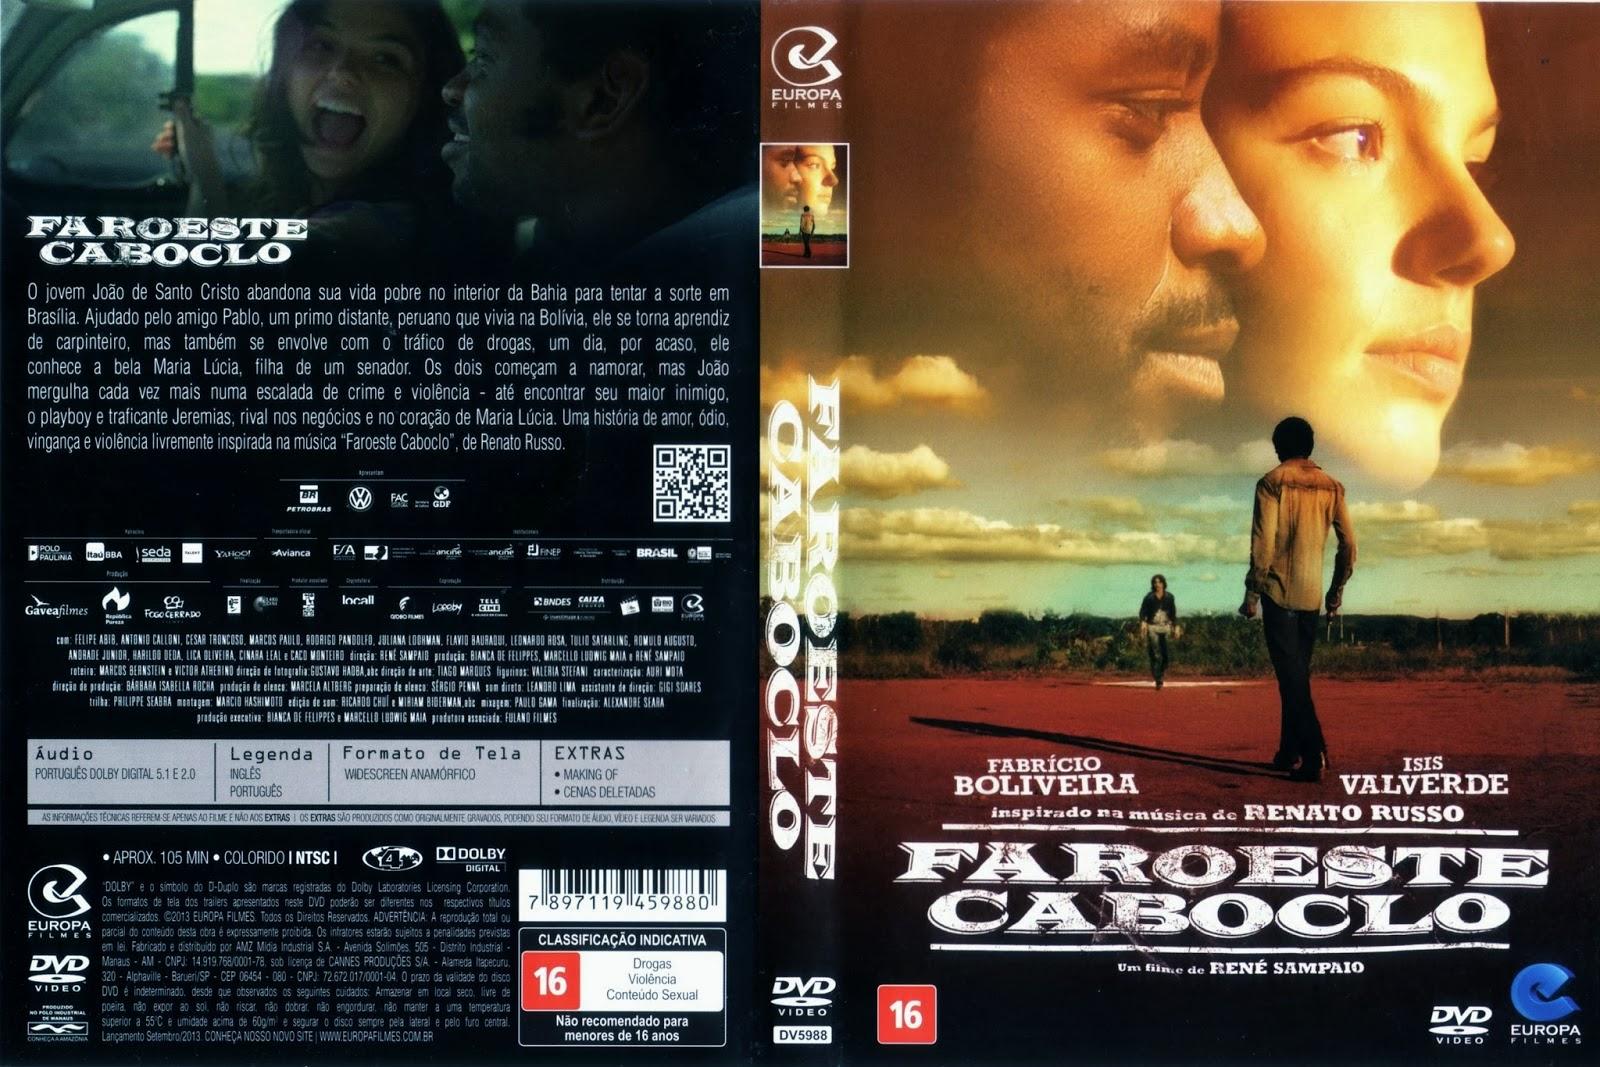 faroeste caboclo filme download cover blu-ray :: backfocamen cf